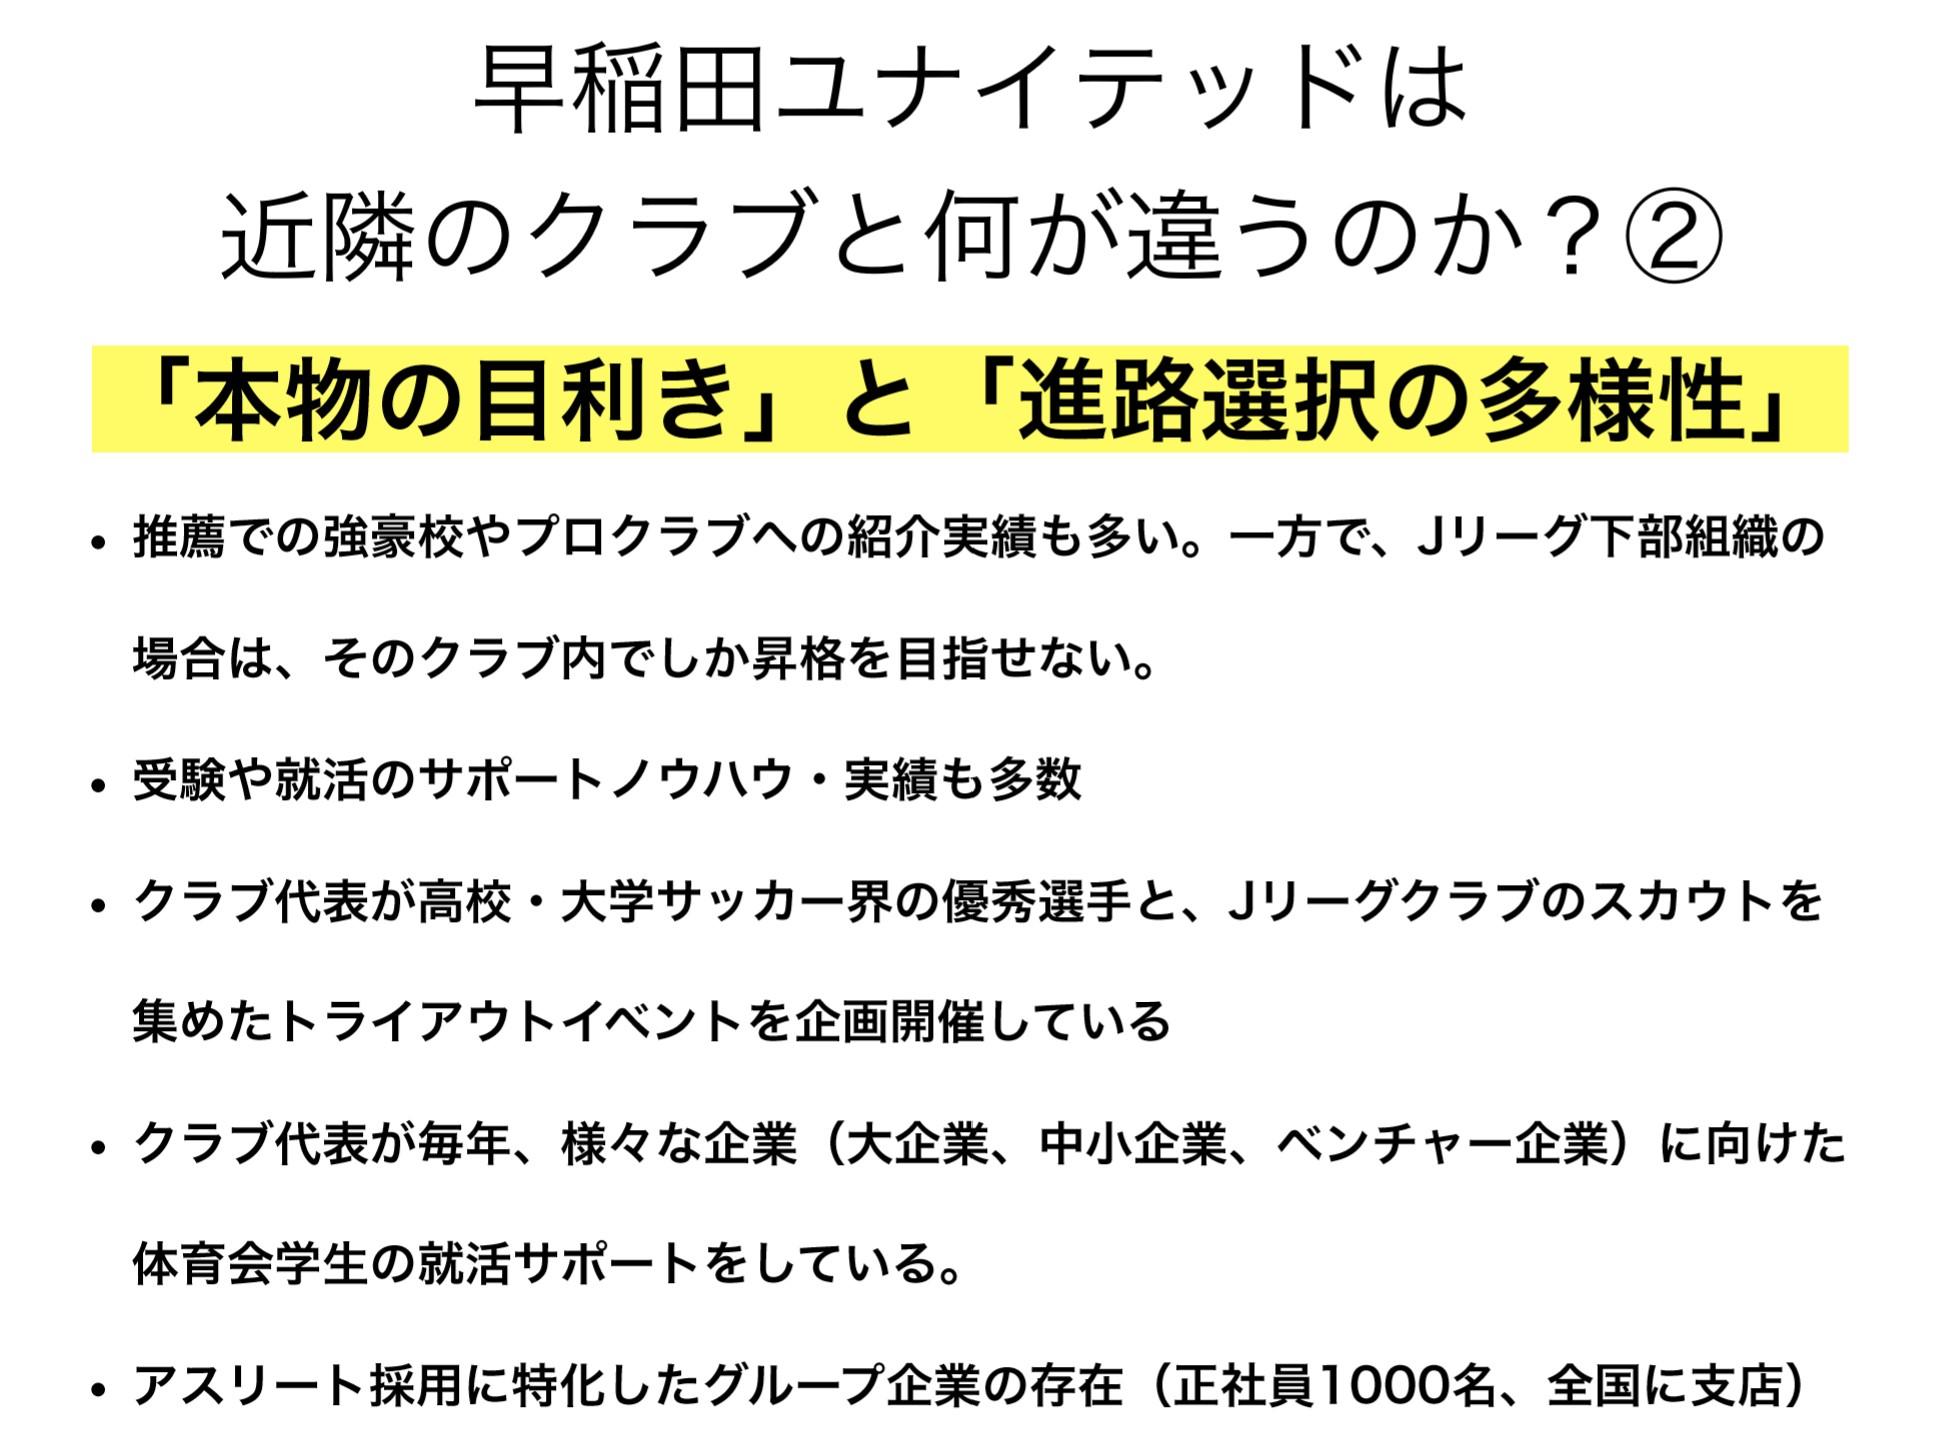 早稲田ユナイテッドアカデミー説明資料6